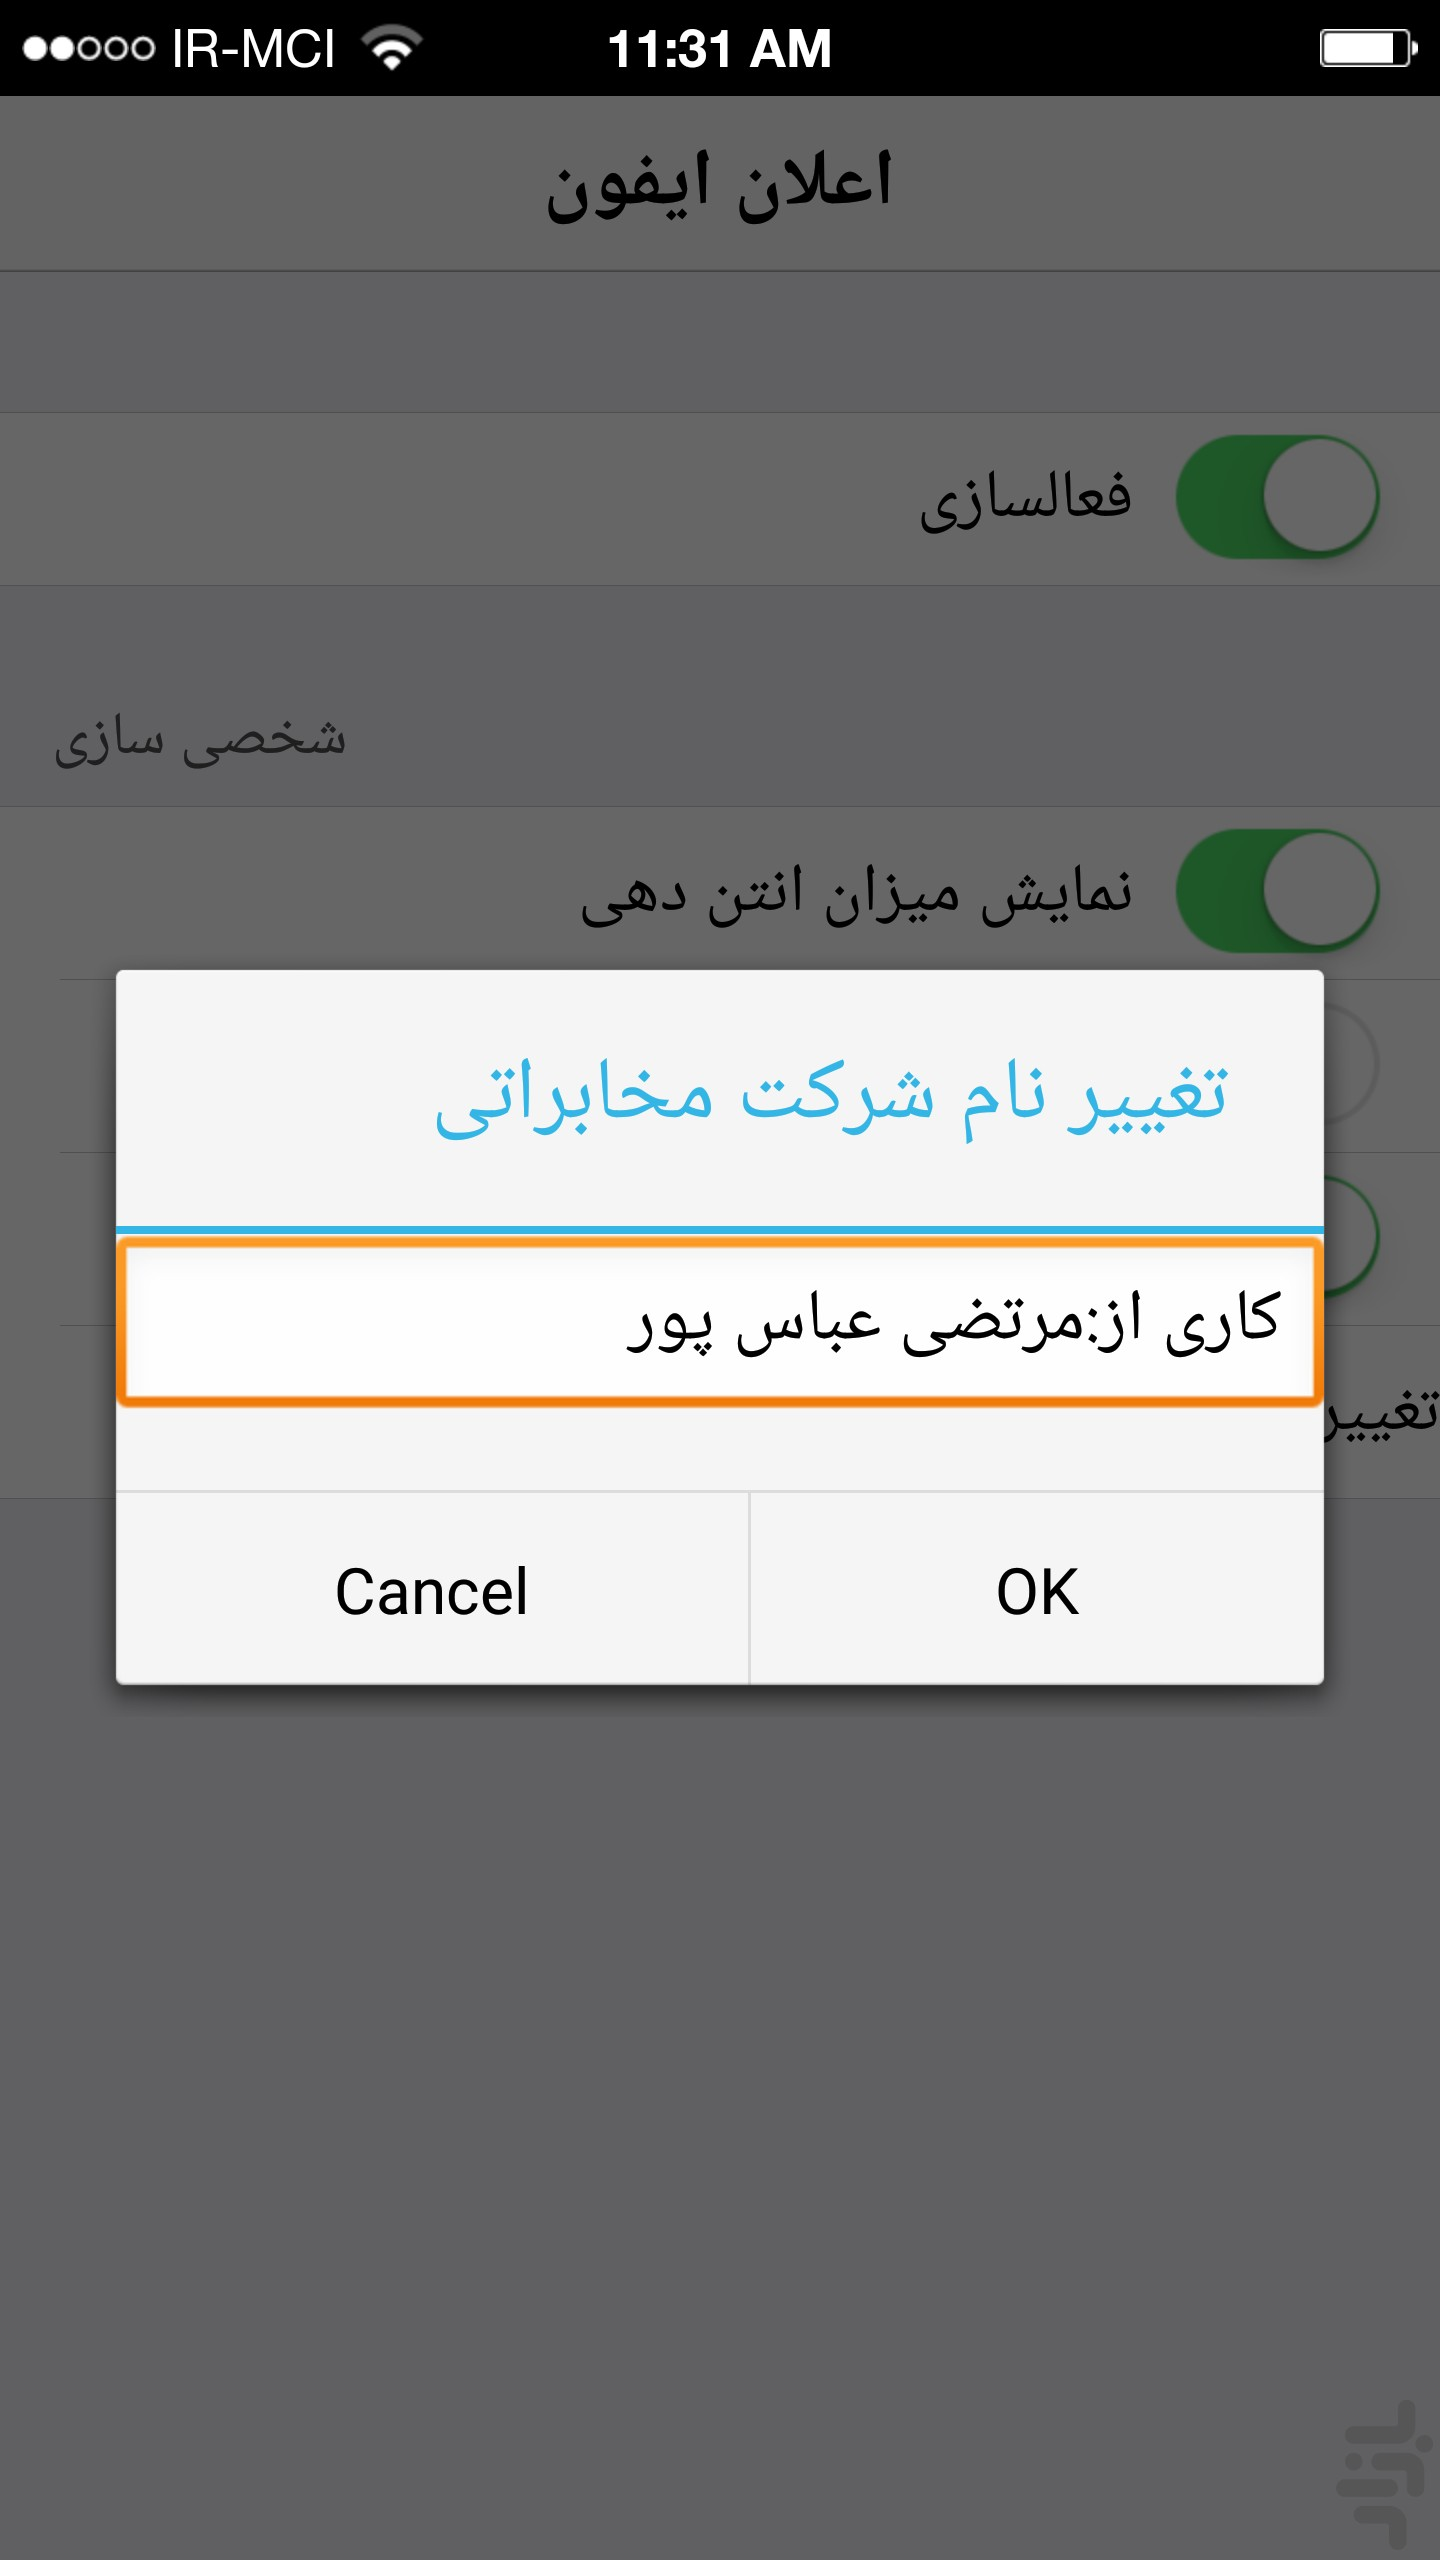 نوار اعلان آیفون iphone HD screenshot